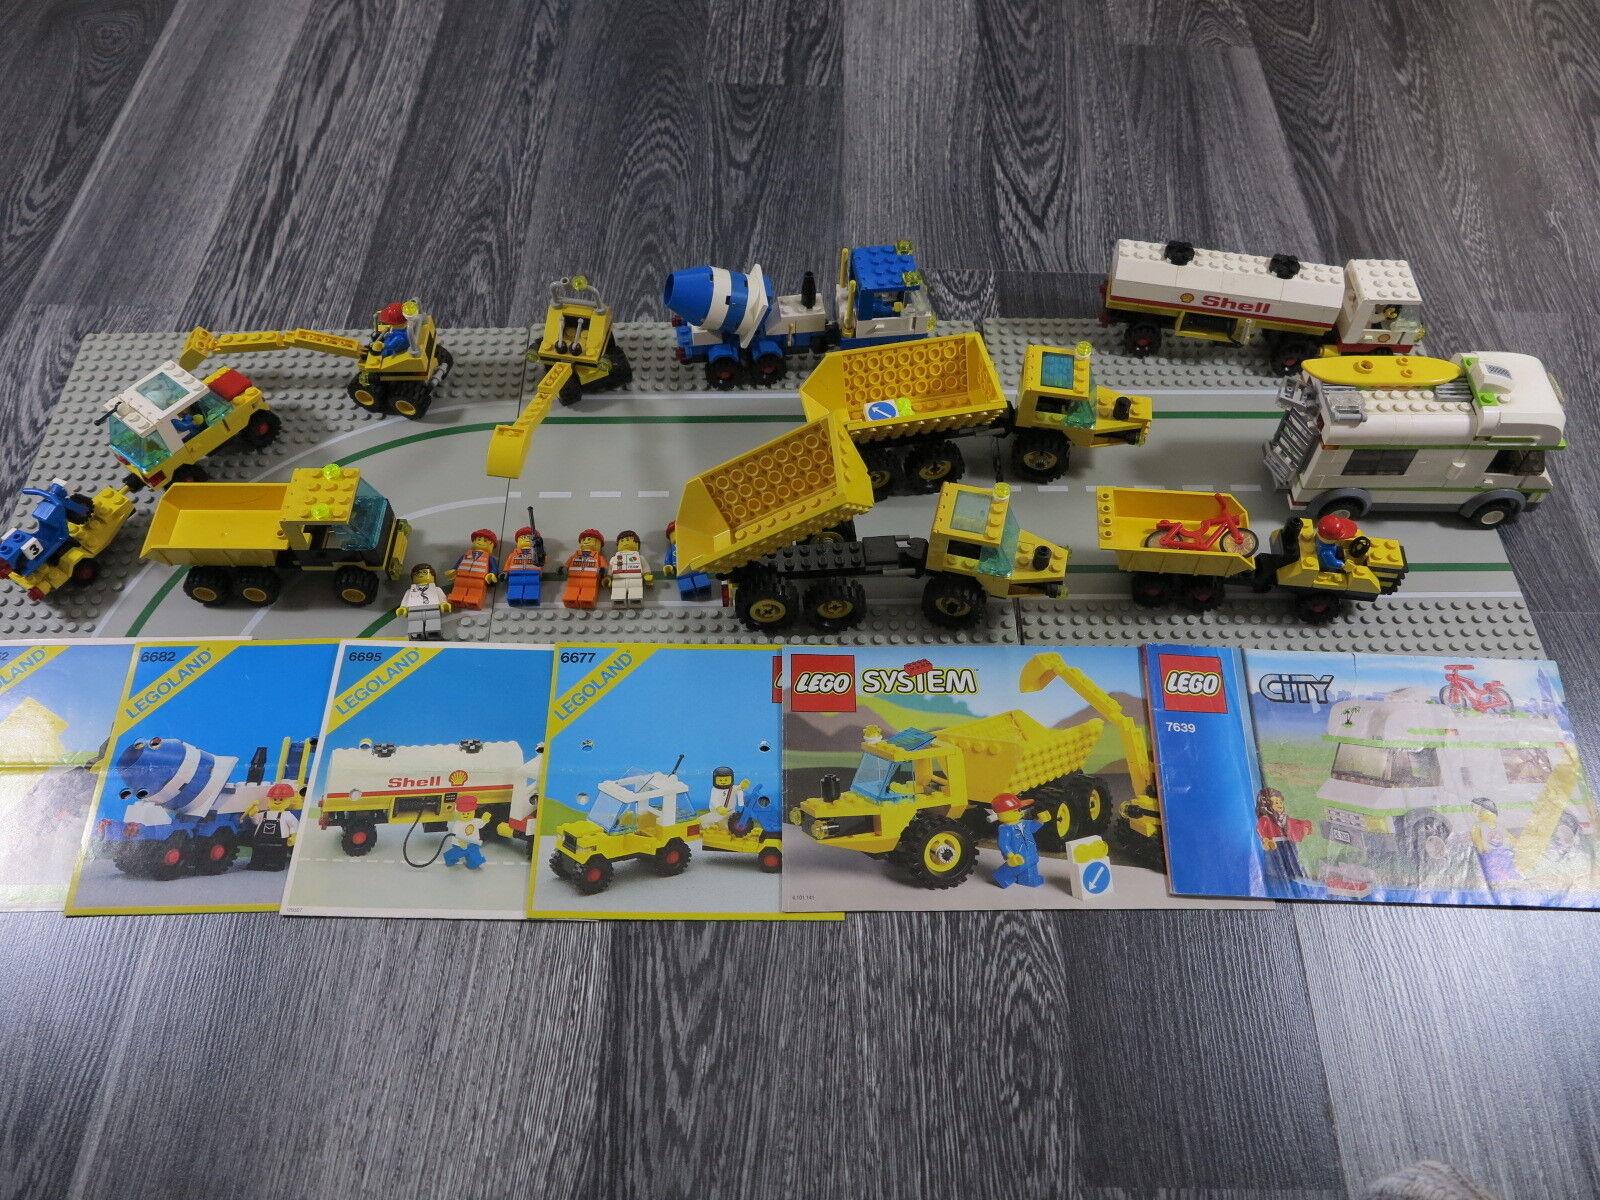 LEGO SYSTEM/City 6682/6695/6677/6581/6652/7639 + 3-PIASTRE personaggi/automobili ect.